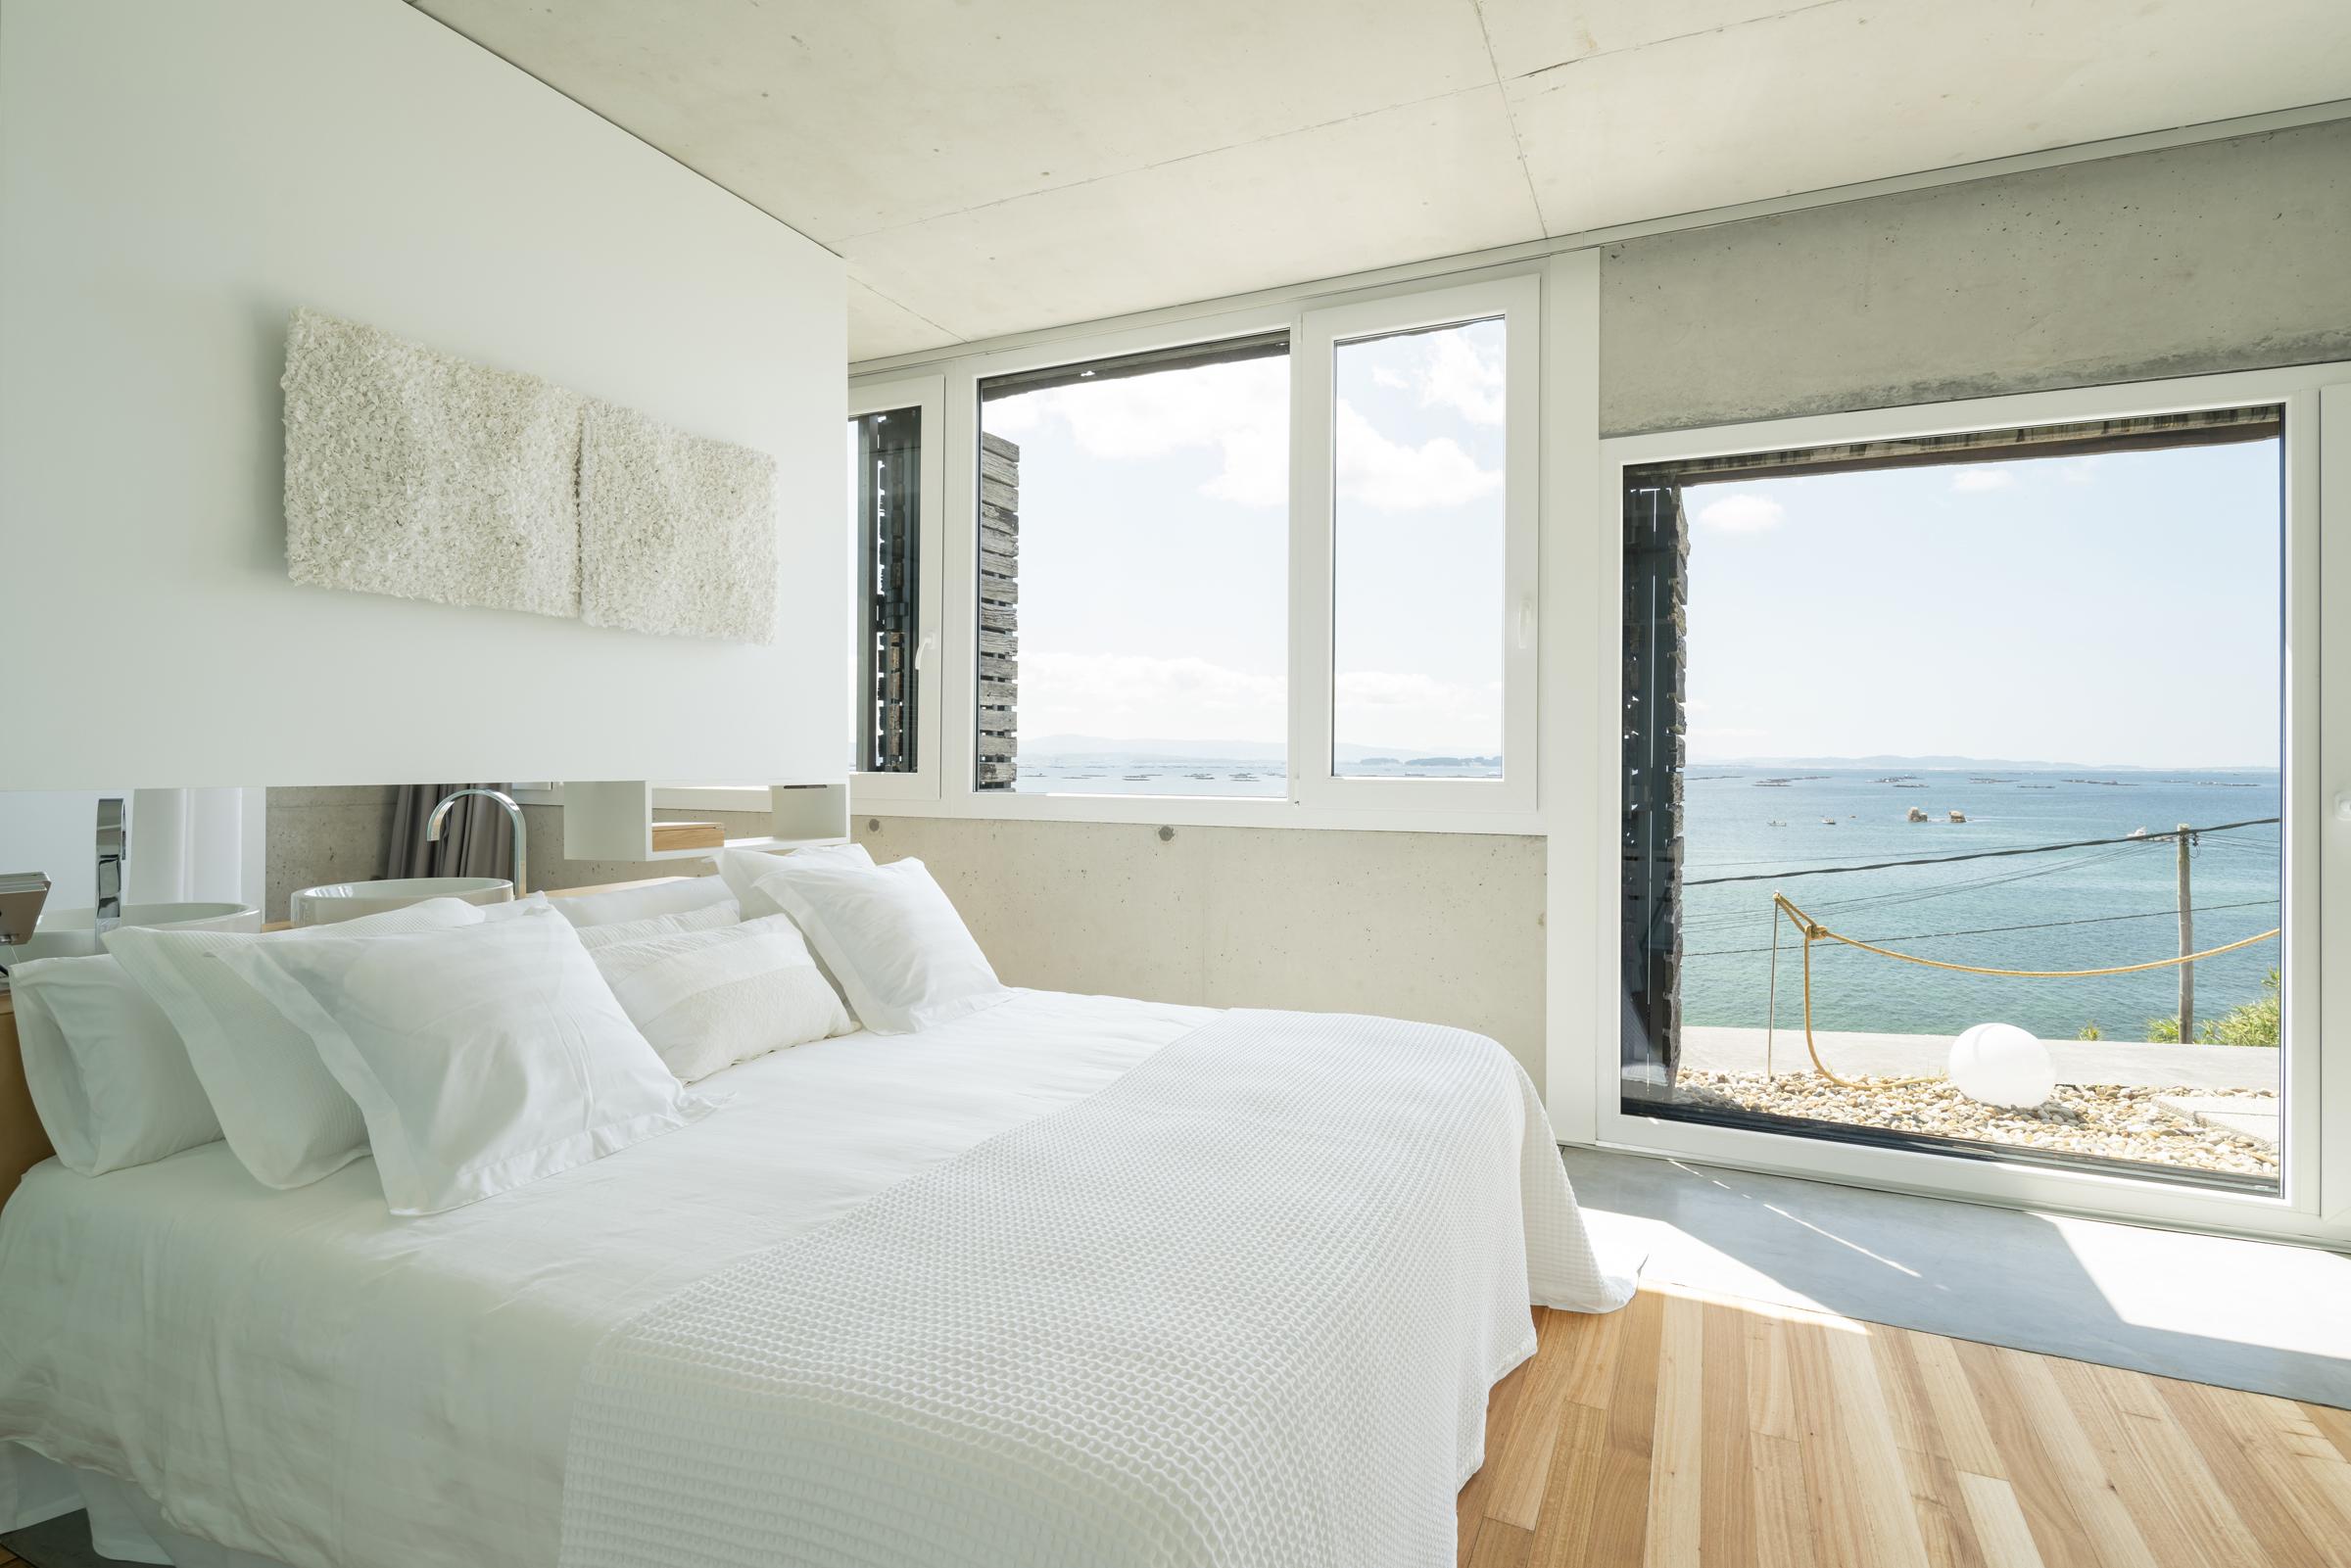 dezanove-house-luxury-villa-galicia-master-3